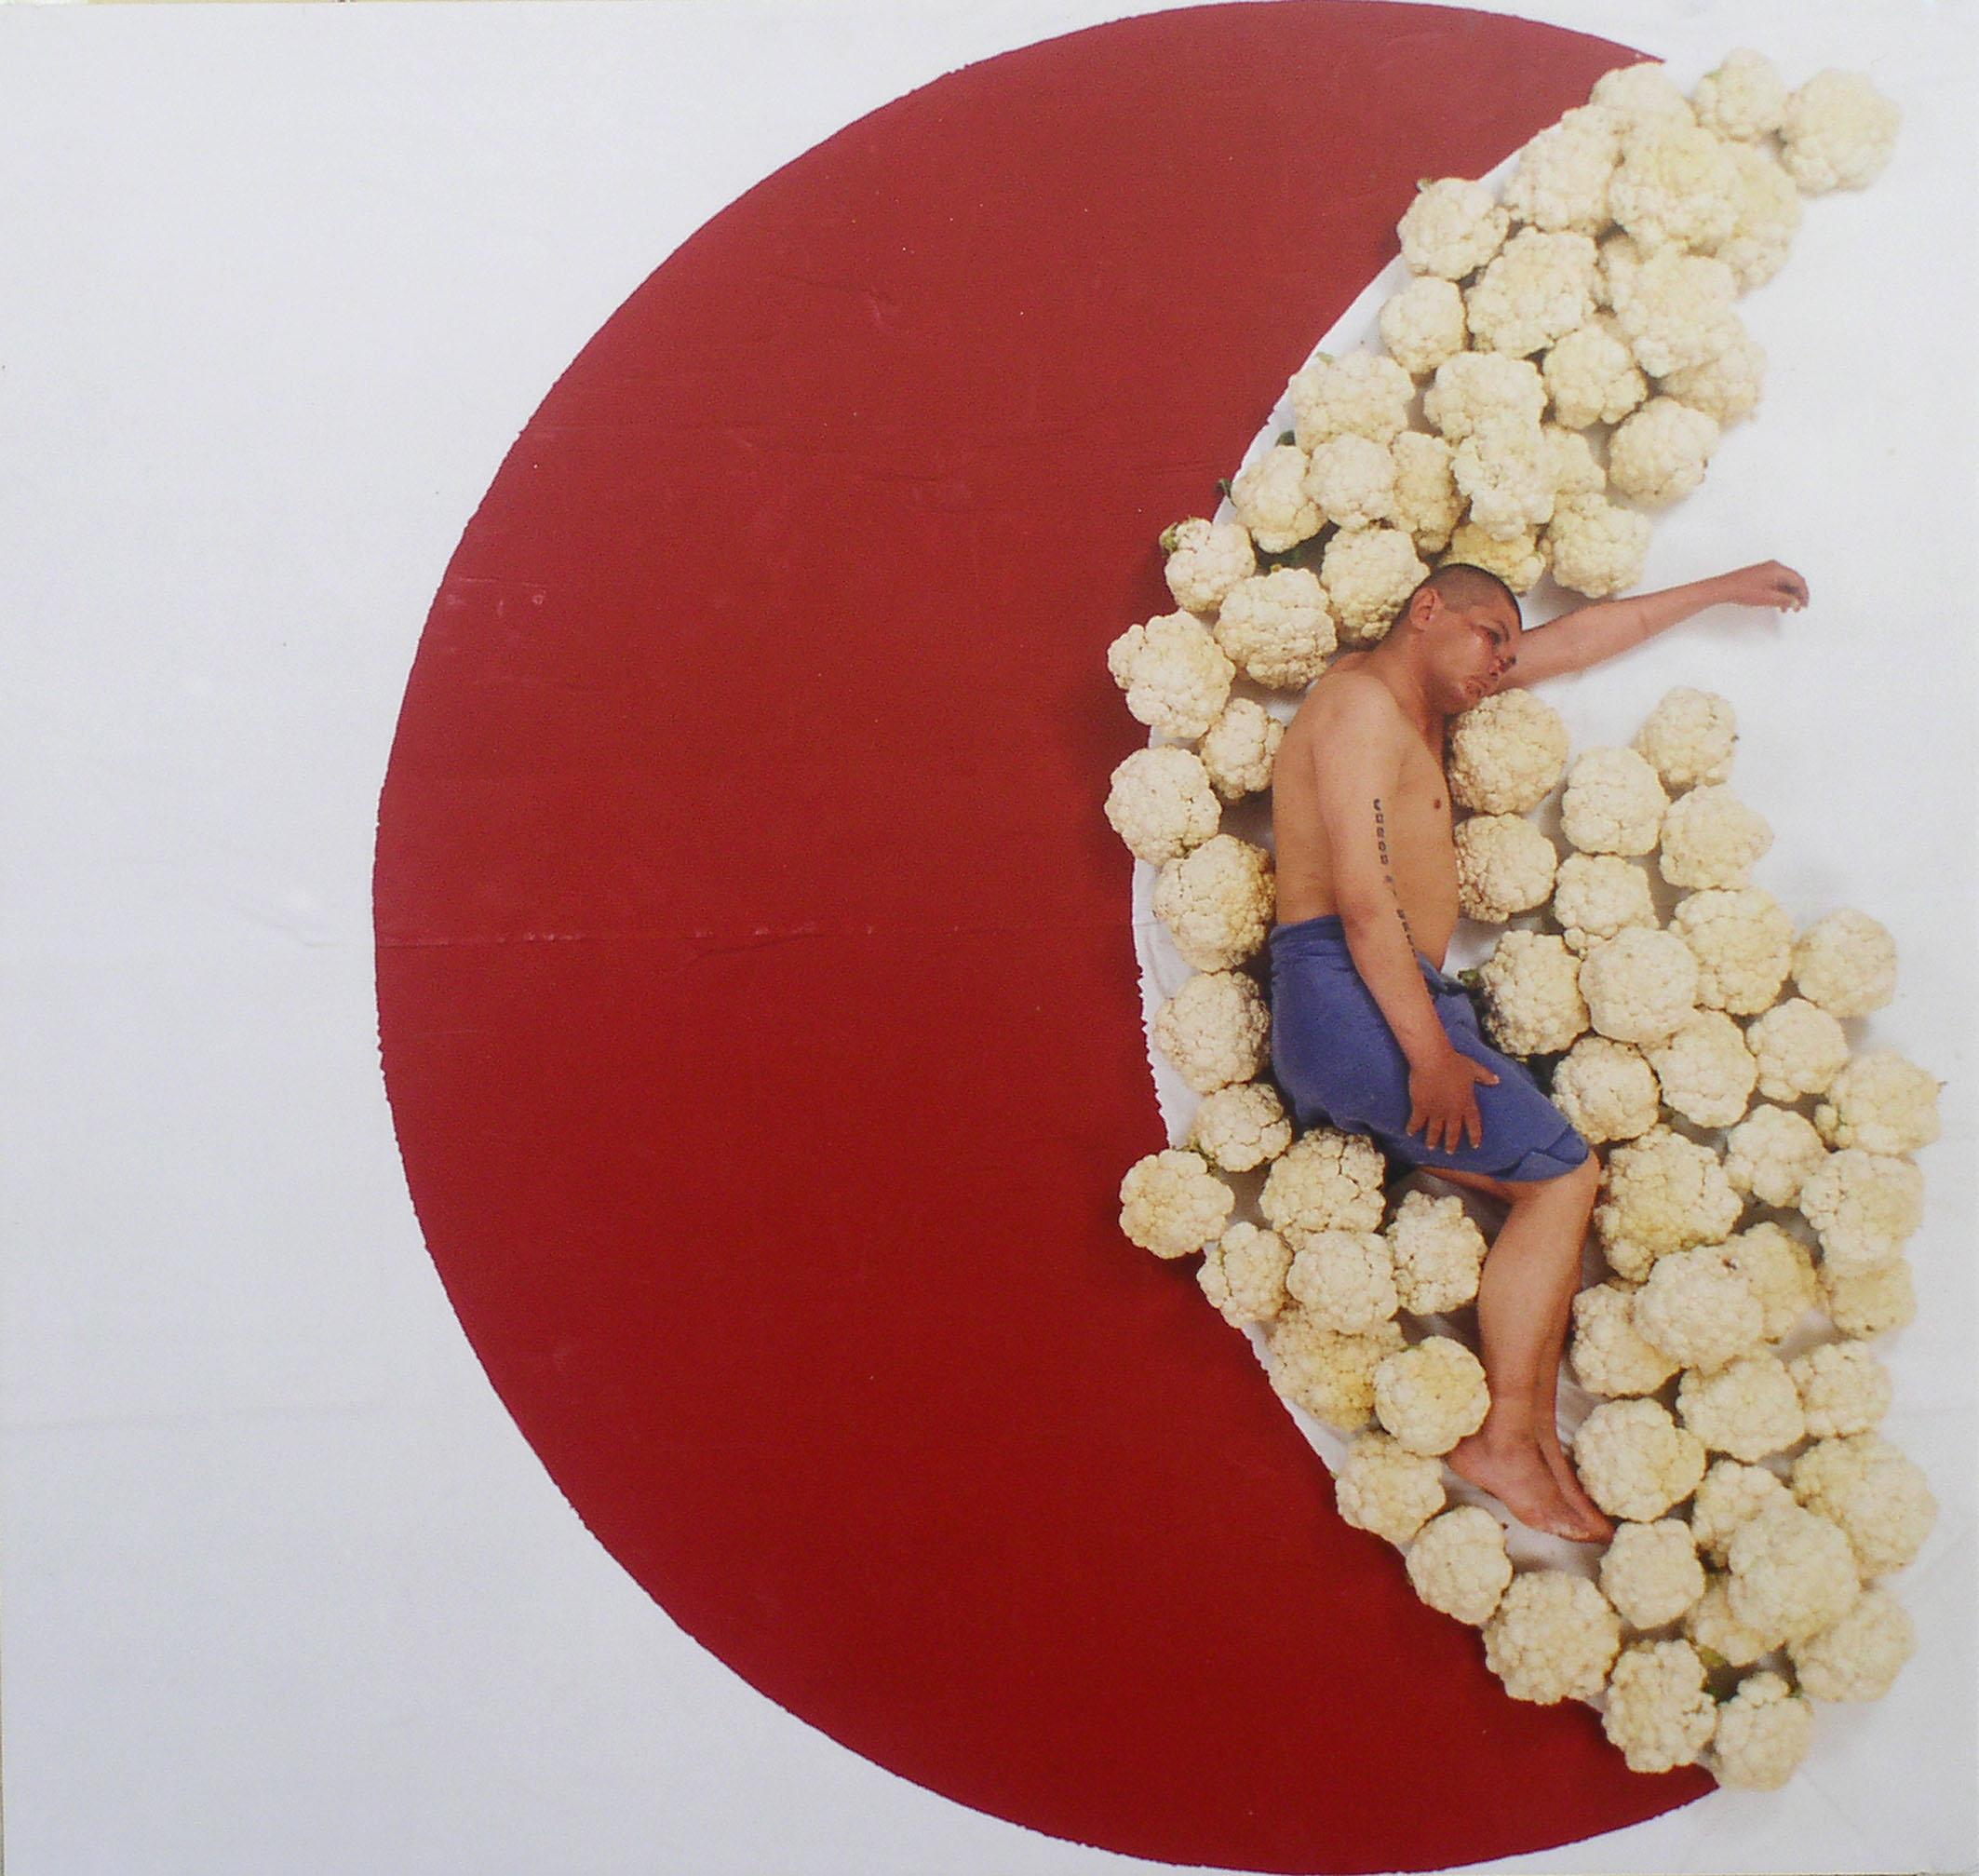 Półnagi mężczyzna leżący na tle czerwonego półksiężyca, otoczony kwiatami kalafiora